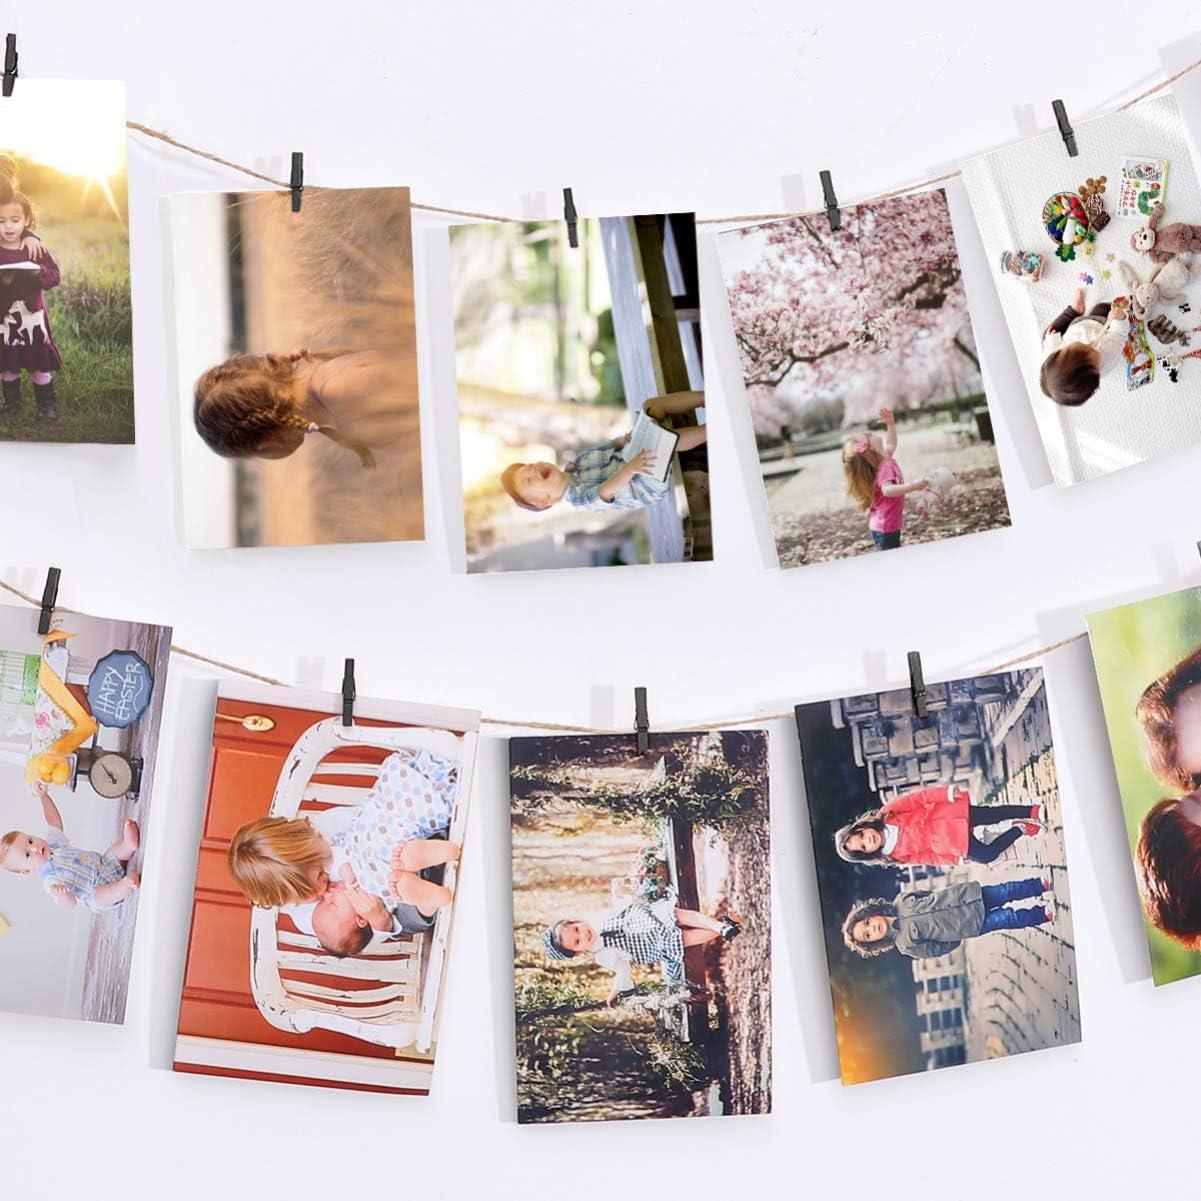 nero Vosarea 100 mollette da ufficio in legno per carta picchetti mini mollette da bucato indumenti artistici mollette per foto organizer foto